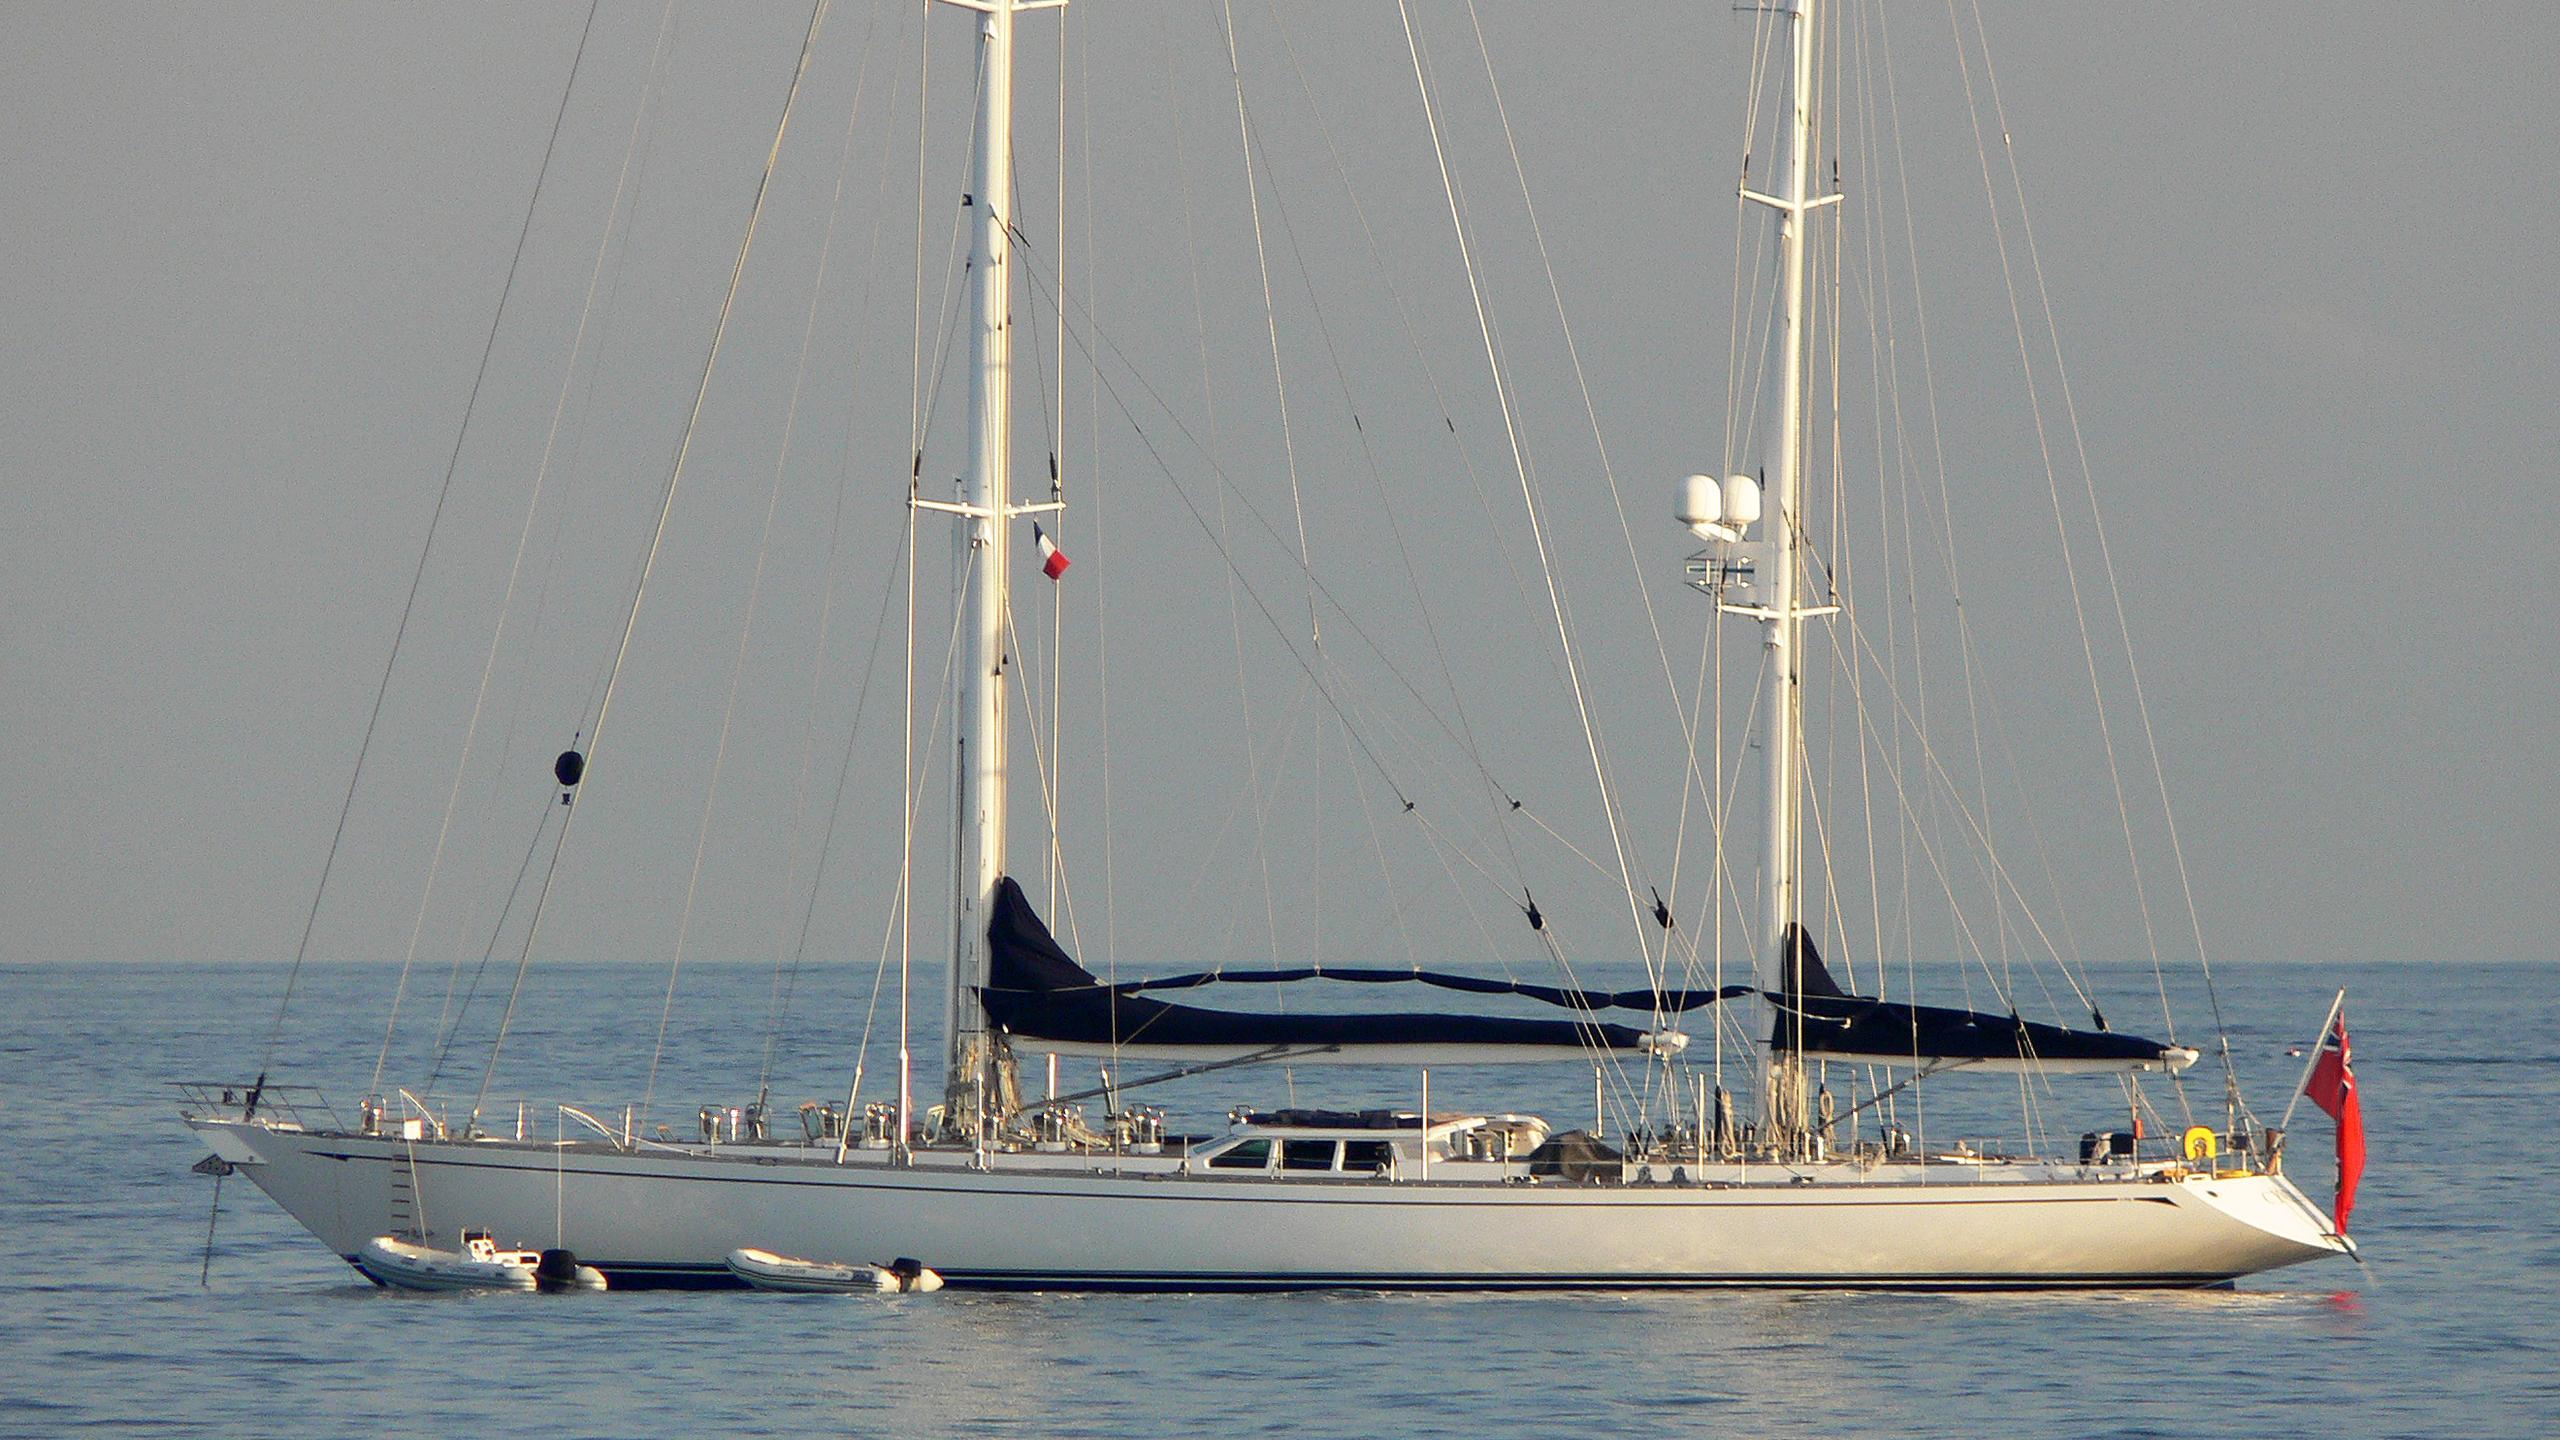 cyclos-iii-yacht-exterior